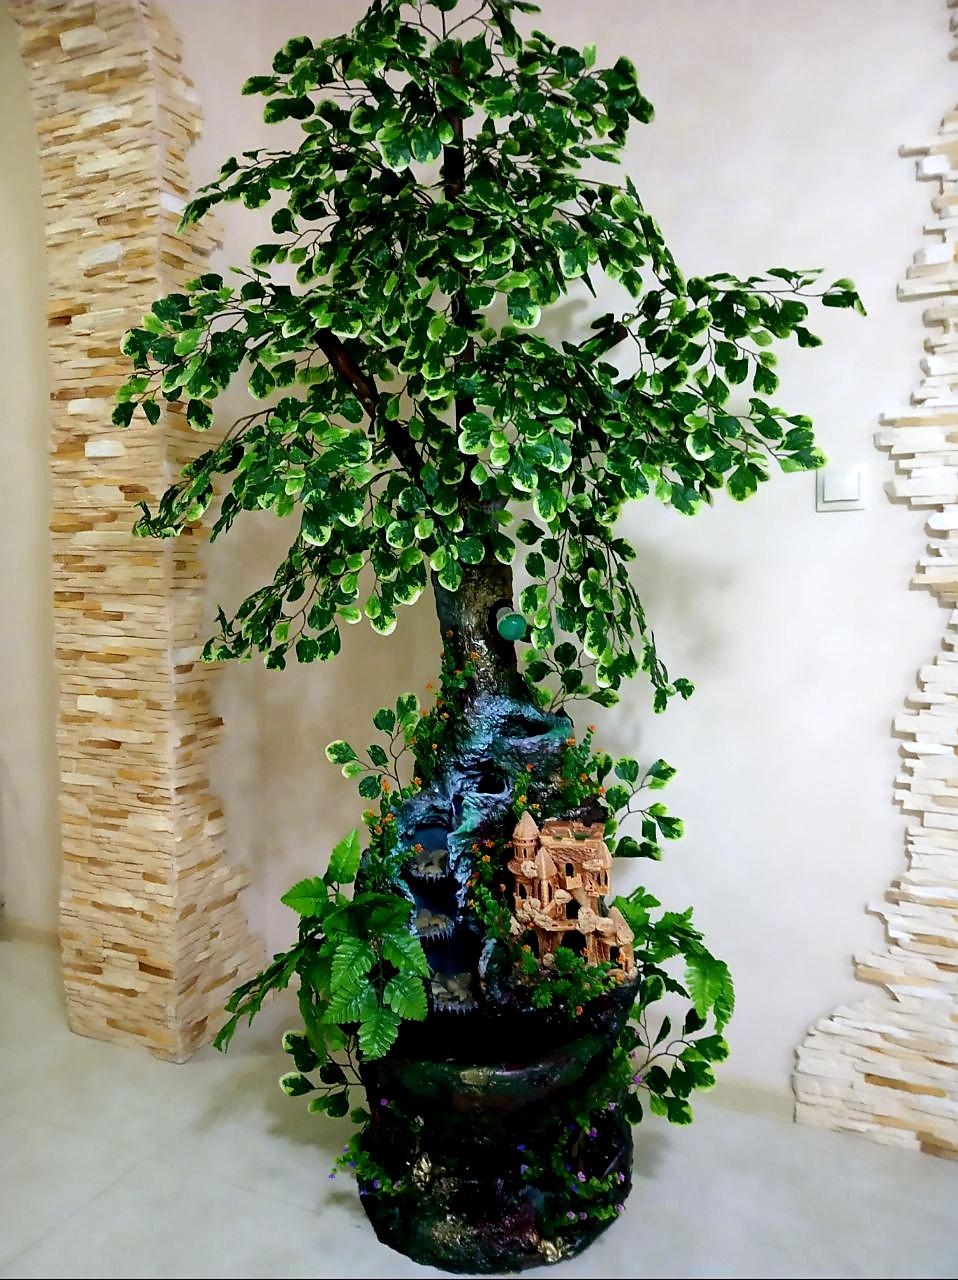 Большой комнатный декоративный фонтан/водопад с подсветкой ручной роботы